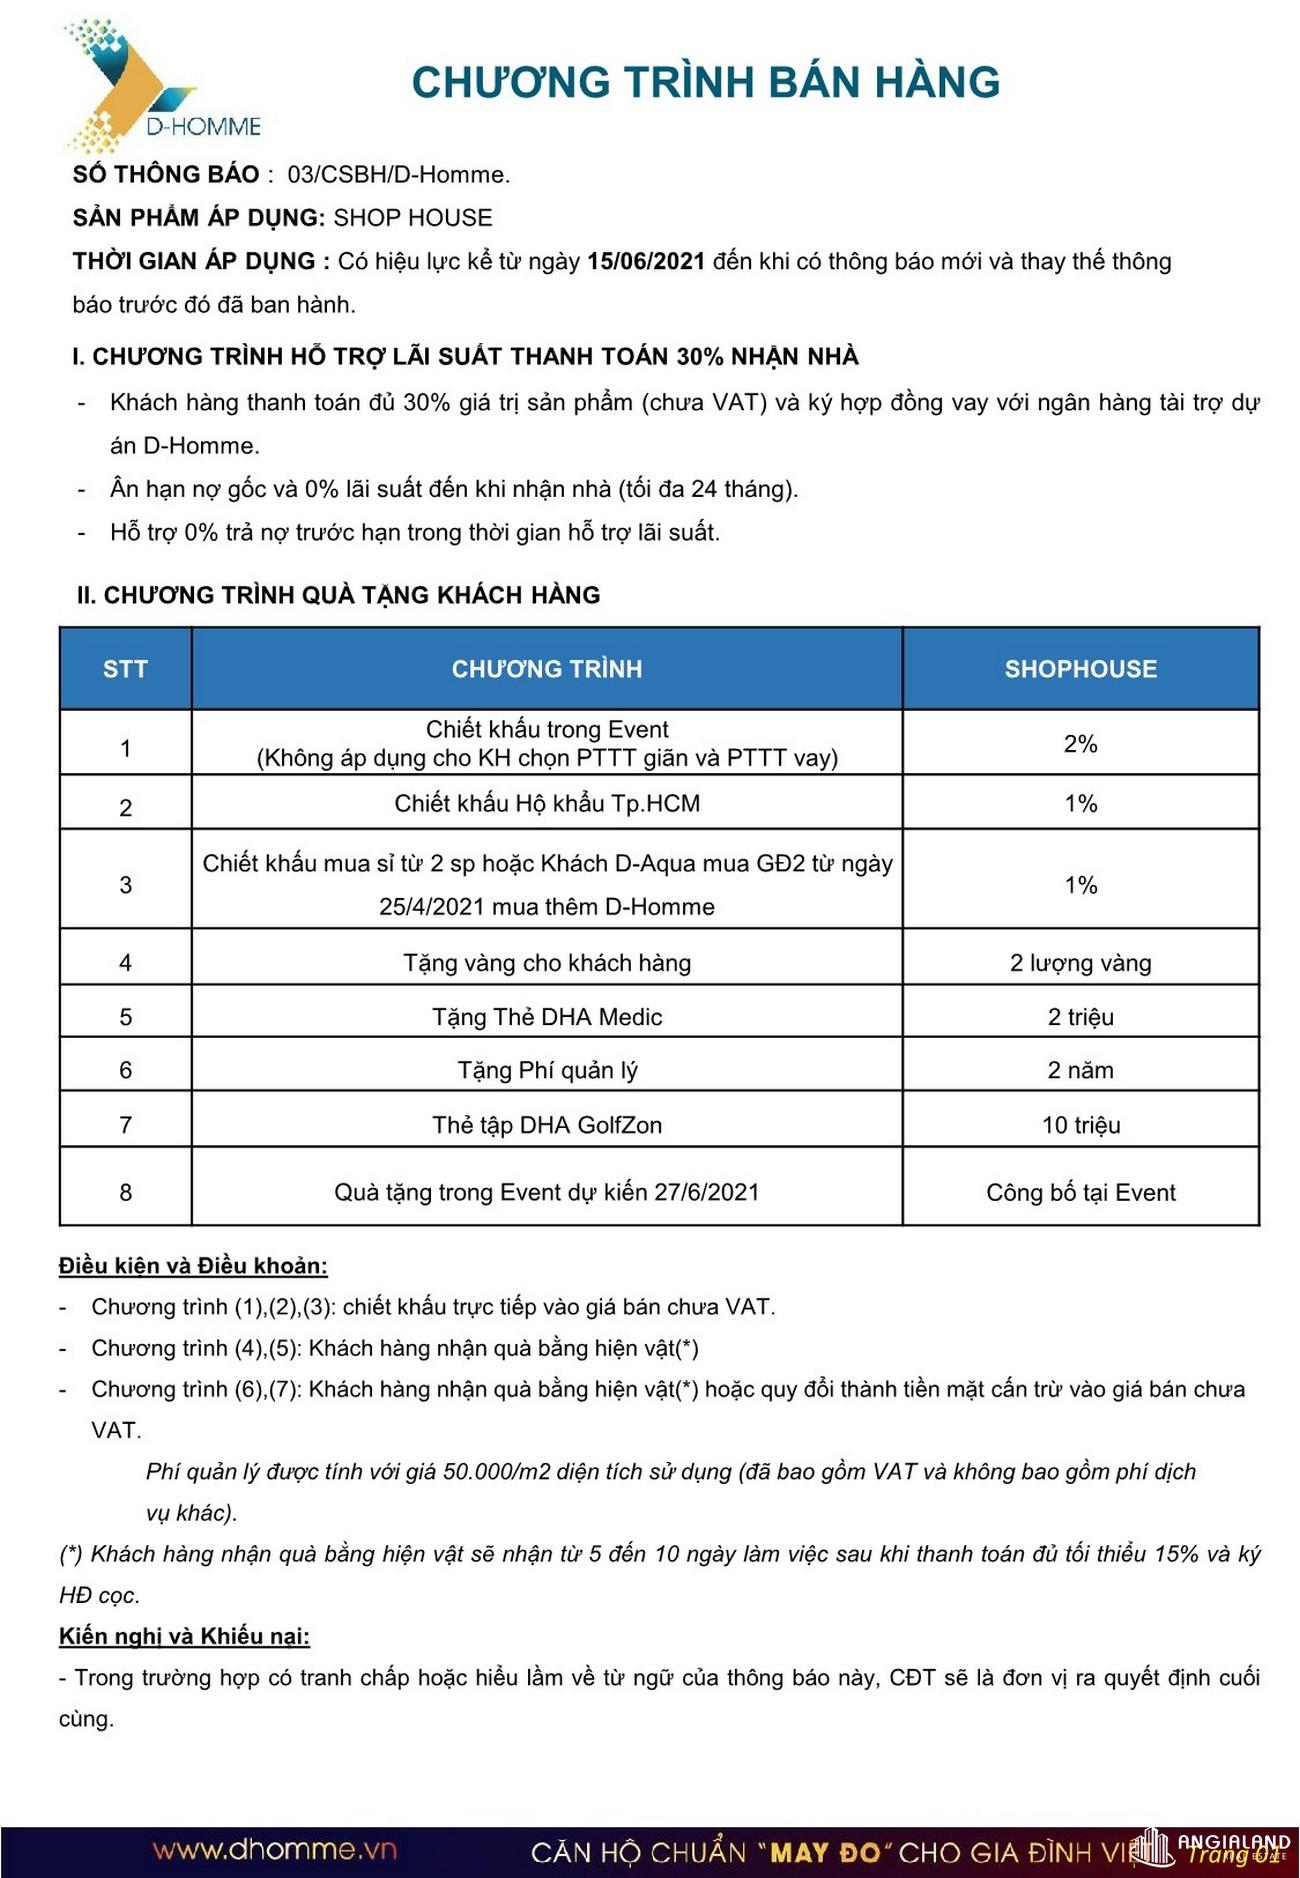 Phương thức thanh toán Shophosue D Homme Quận 6 Đường Hồng Bàng chủ đầu tư DHA